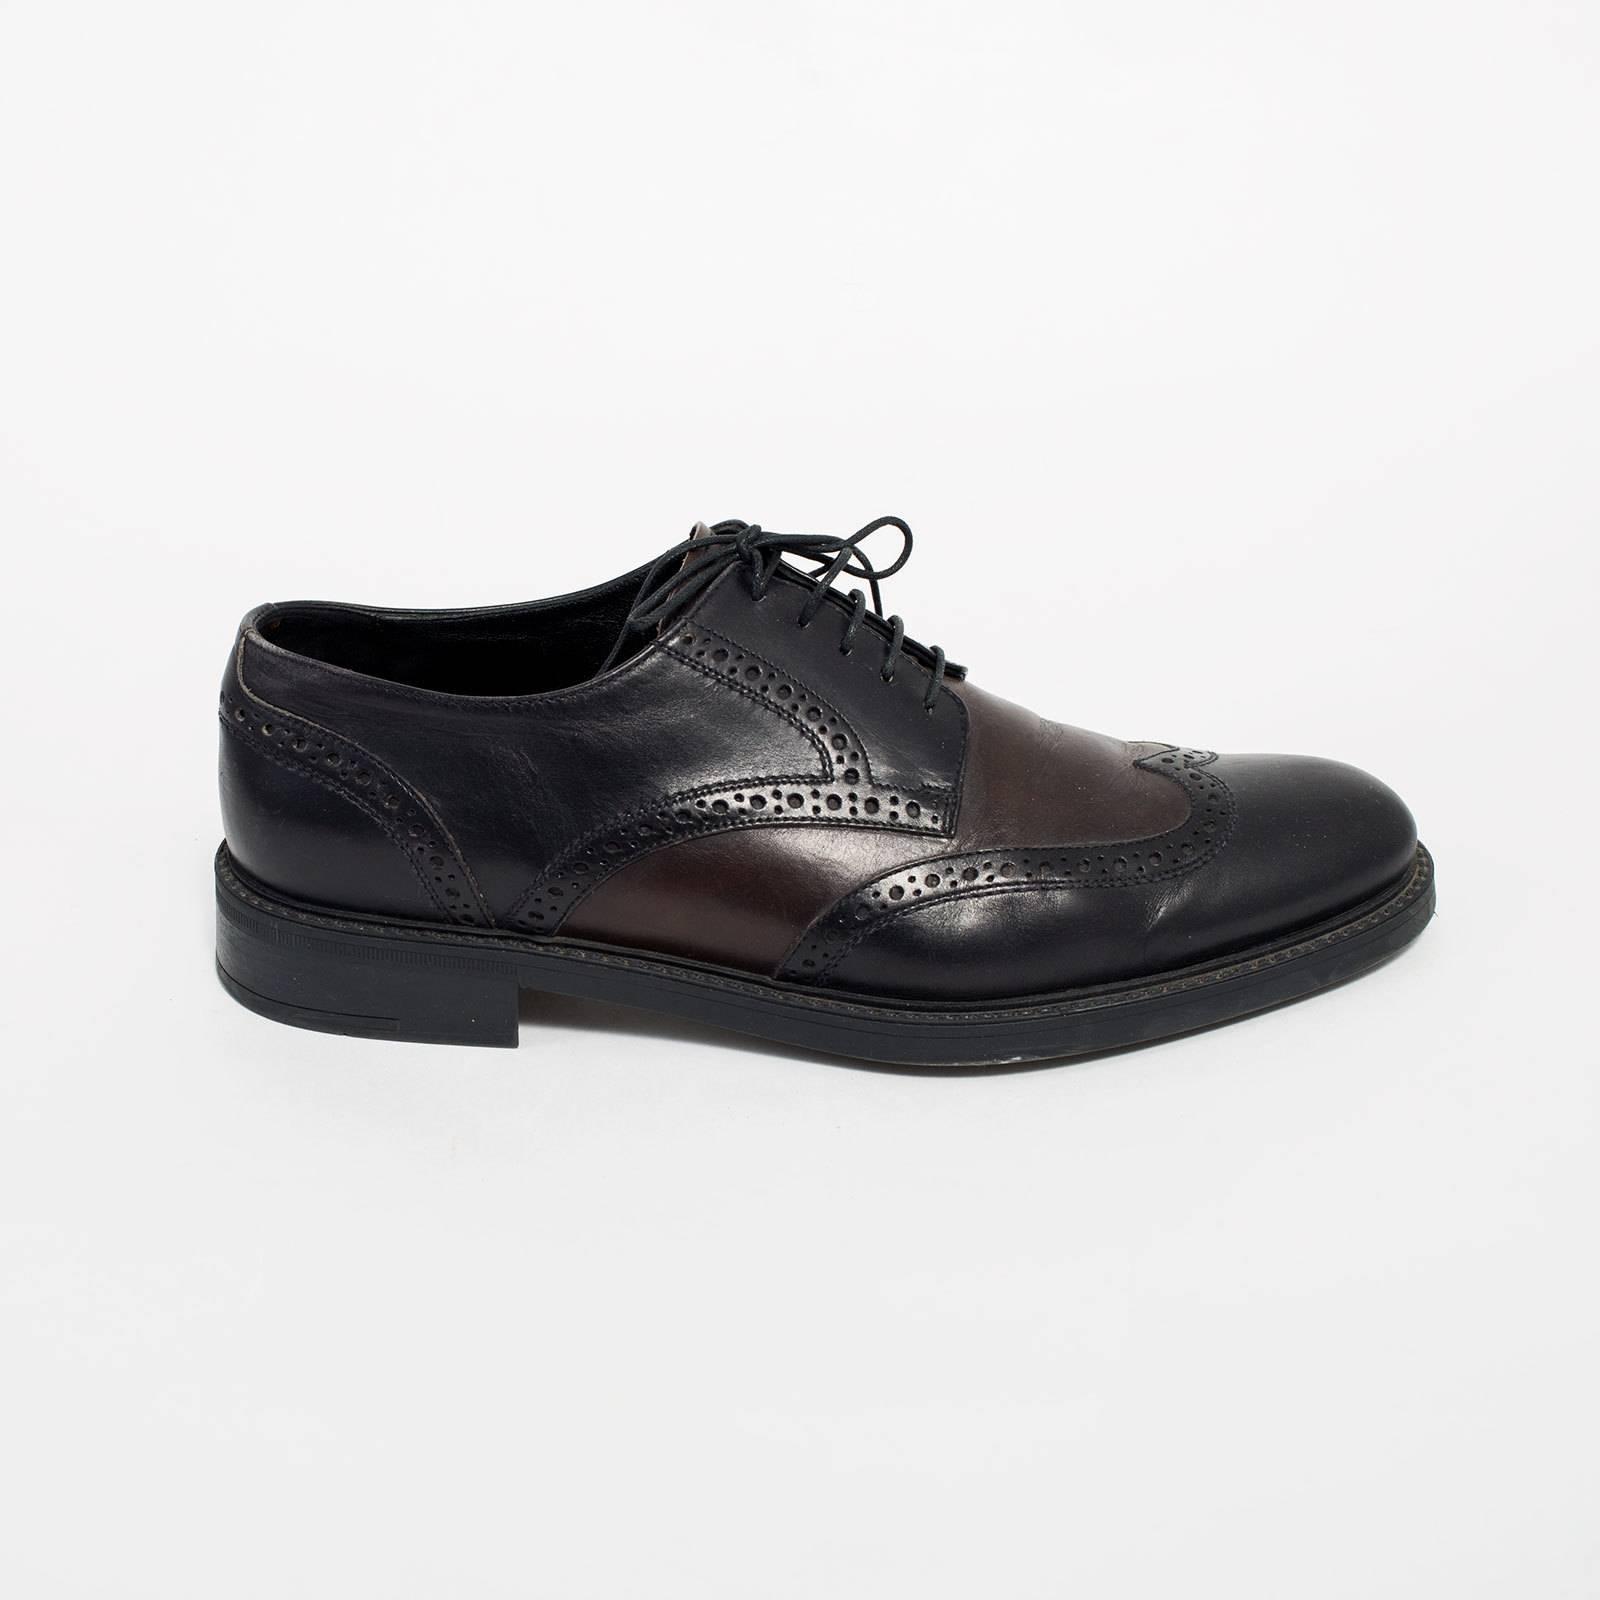 5d4e1735f324 Купить туфли Ermenegildo Zegna в Москве с доставкой по цене 7200 ...